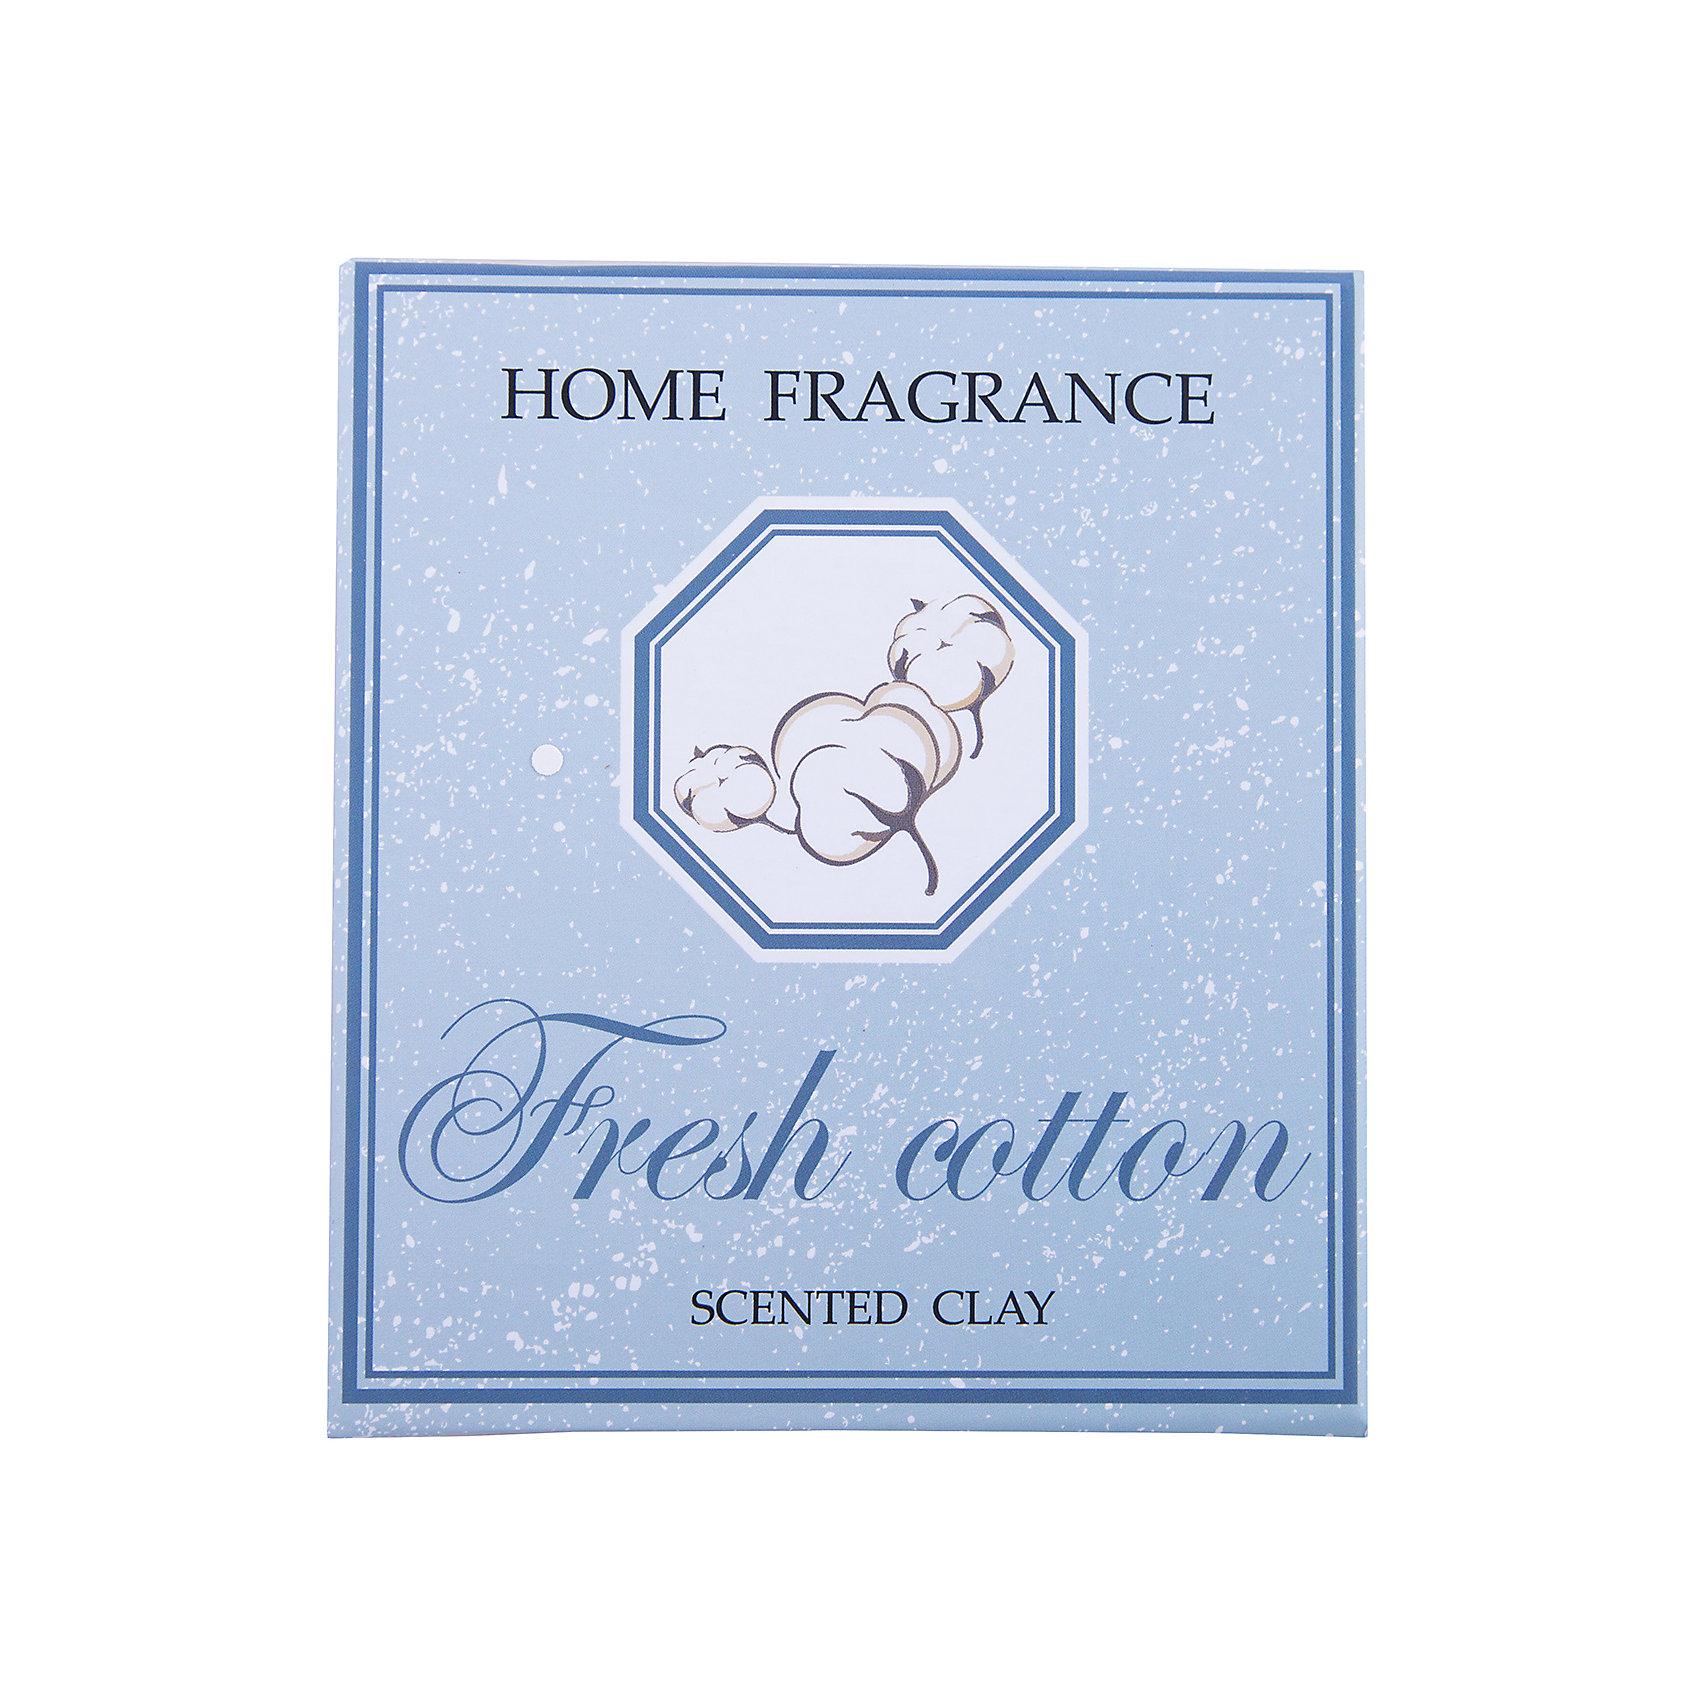 Набор ароматический  Свежий хлопок, Феникс-ПрезентПредметы интерьера<br>Набор ароматический  Свежий хлопок, Феникс-Презент<br><br>Характеристики:<br><br>• устраняет неприятные запахи<br>• освежает помещение<br>• не содержит спирт<br>• в комплекте: 2 подвесные фигуры, аромамасло с ароматом свежего хлопка (5 мл)<br>• материал: гипс, текстиль<br>• размер упаковки: 12х11х4 см<br>• вес: 100 грамм<br><br>Приятный аромат добавит гармонии и уюта в атмосферу вашего дома. В набор Свежий хлопок входят две подвесные фигурки и аромамасло. Нанесите аромамасло на фигурки - и приятный запах свежего хлопка медленно окутает помещение, придавая ему свежесть. Набор поможет устранить неприятные запахи. Аромамасло не содержит спирт.<br><br>Набор ароматический  Свежий хлопок, Феникс-Презент вы можете купить в нашем интернет-магазине.<br><br>Ширина мм: 105<br>Глубина мм: 37<br>Высота мм: 120<br>Вес г: 123<br>Возраст от месяцев: 120<br>Возраст до месяцев: 2147483647<br>Пол: Унисекс<br>Возраст: Детский<br>SKU: 5449495